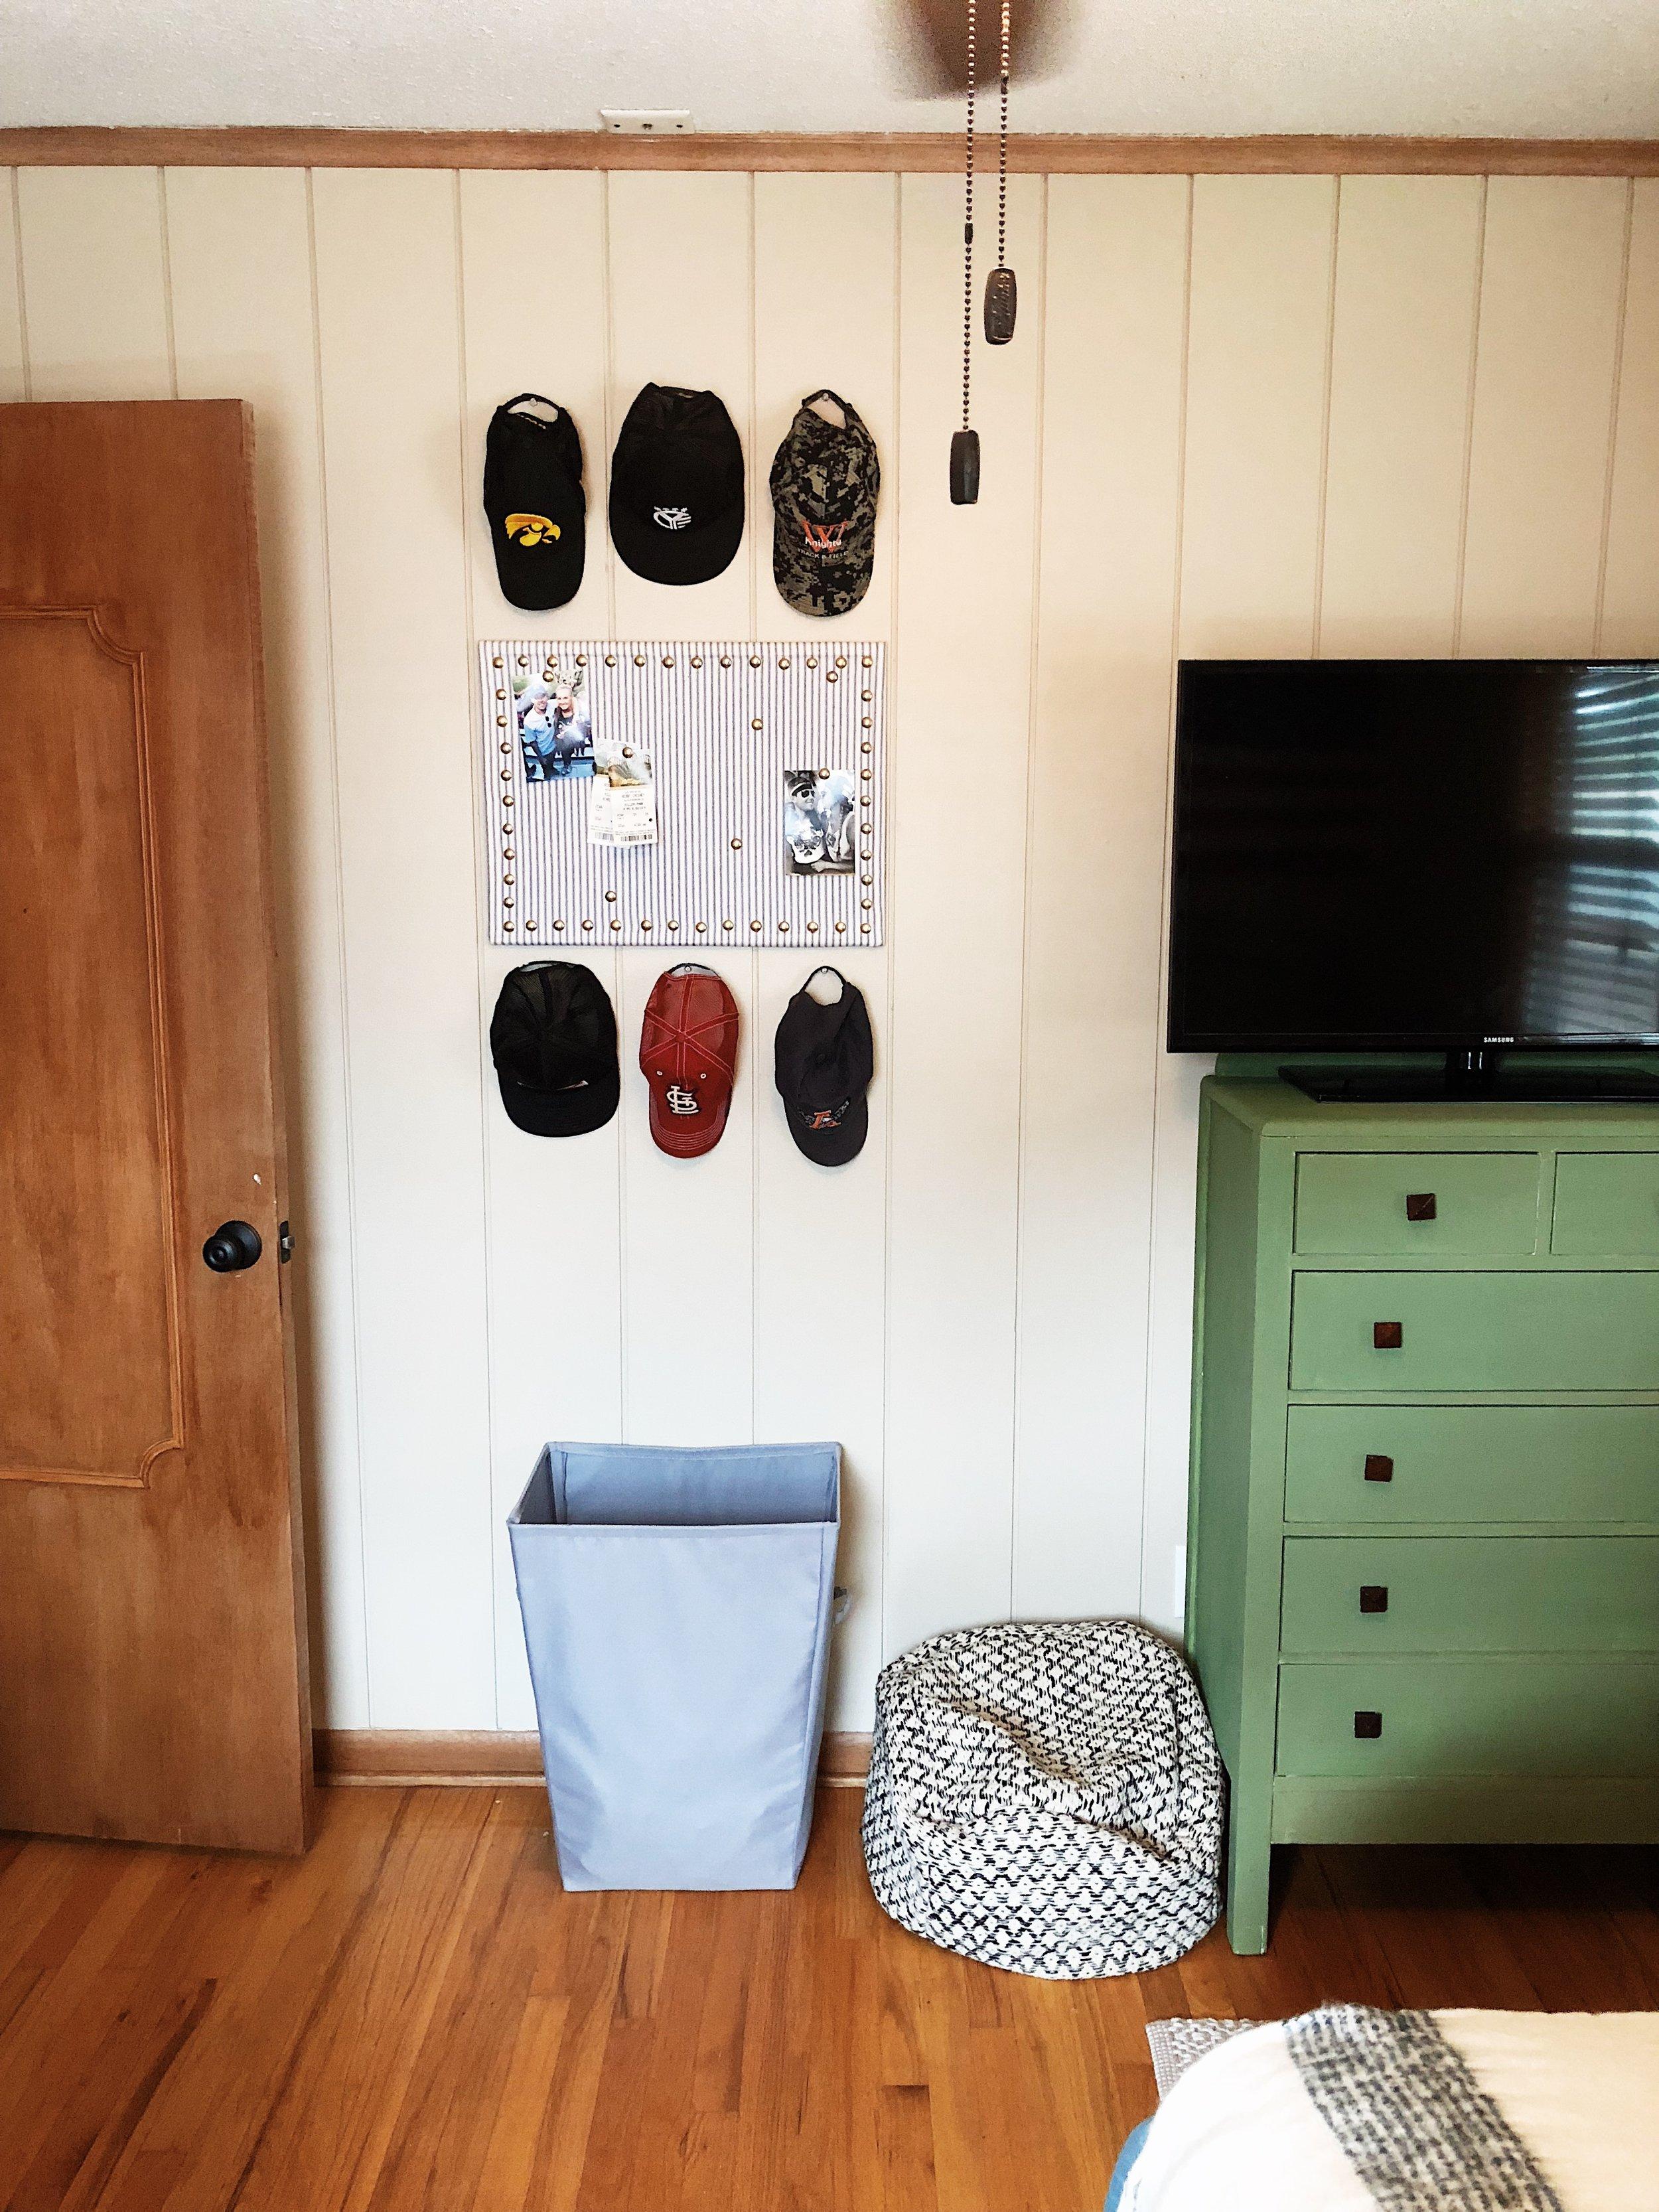 bedroom-college-guy-hats-dresser-apartment.jpg